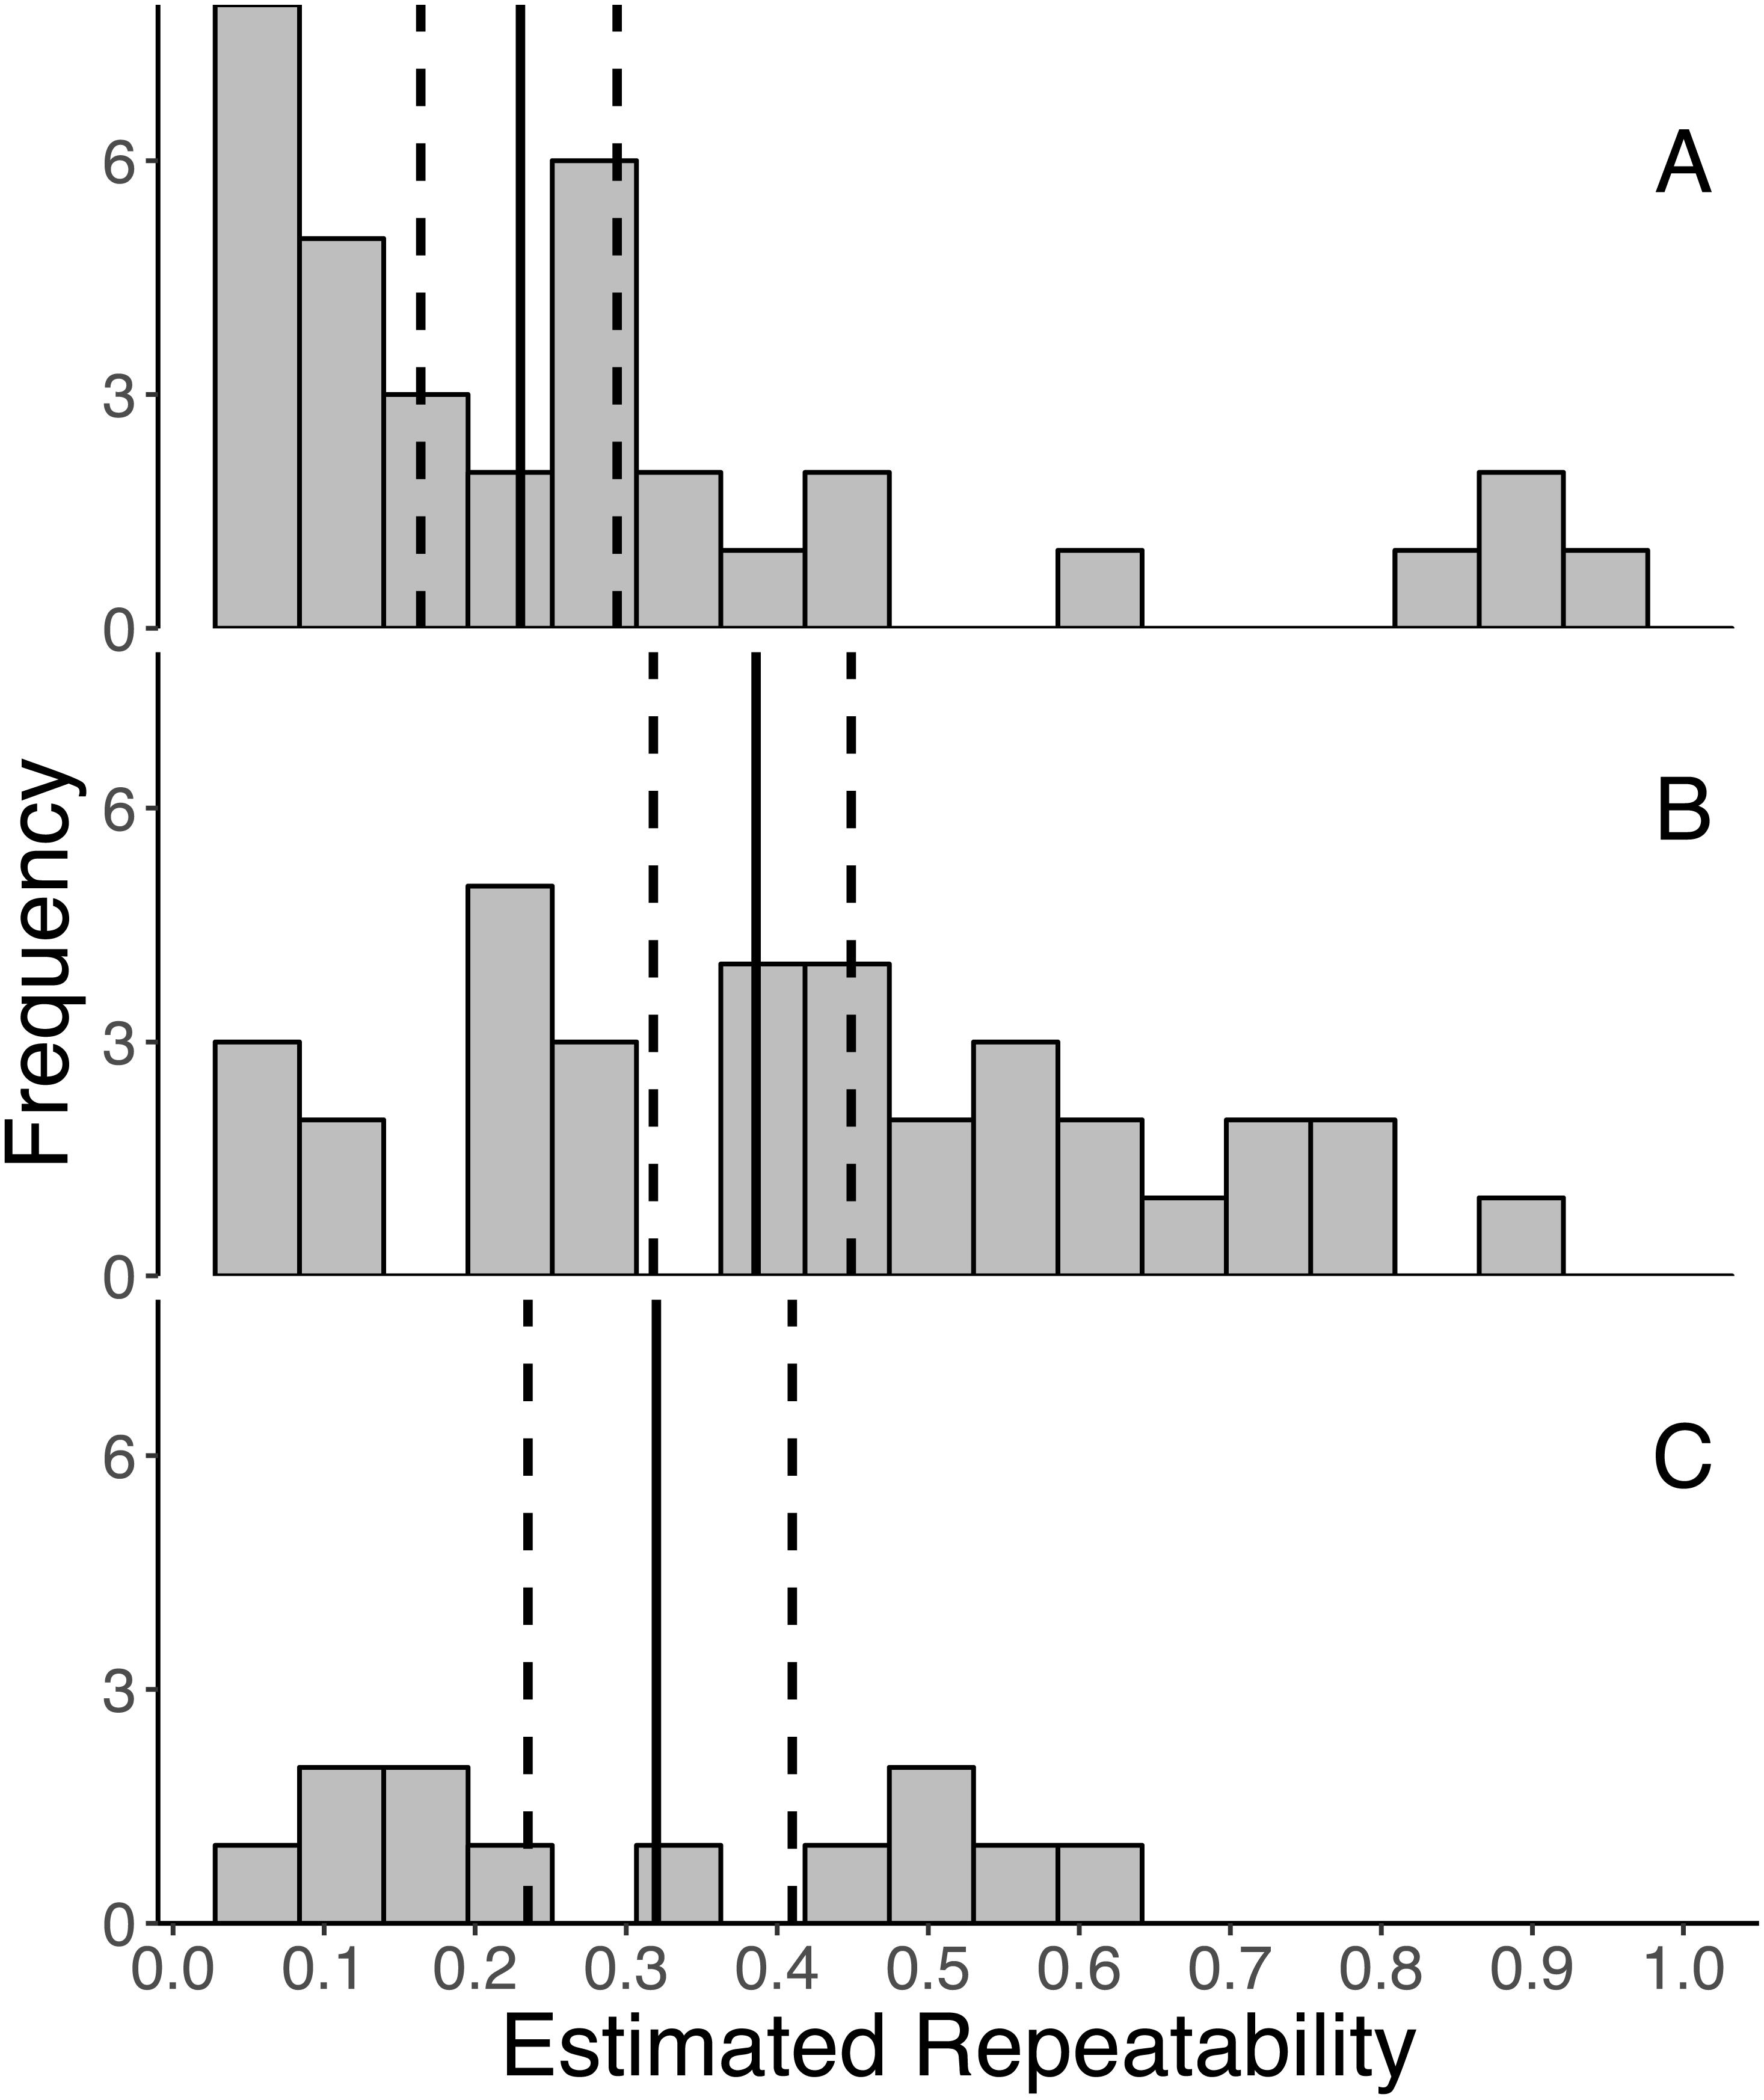 Repeatability of glucocorticoid hormones in vertebrates: a meta